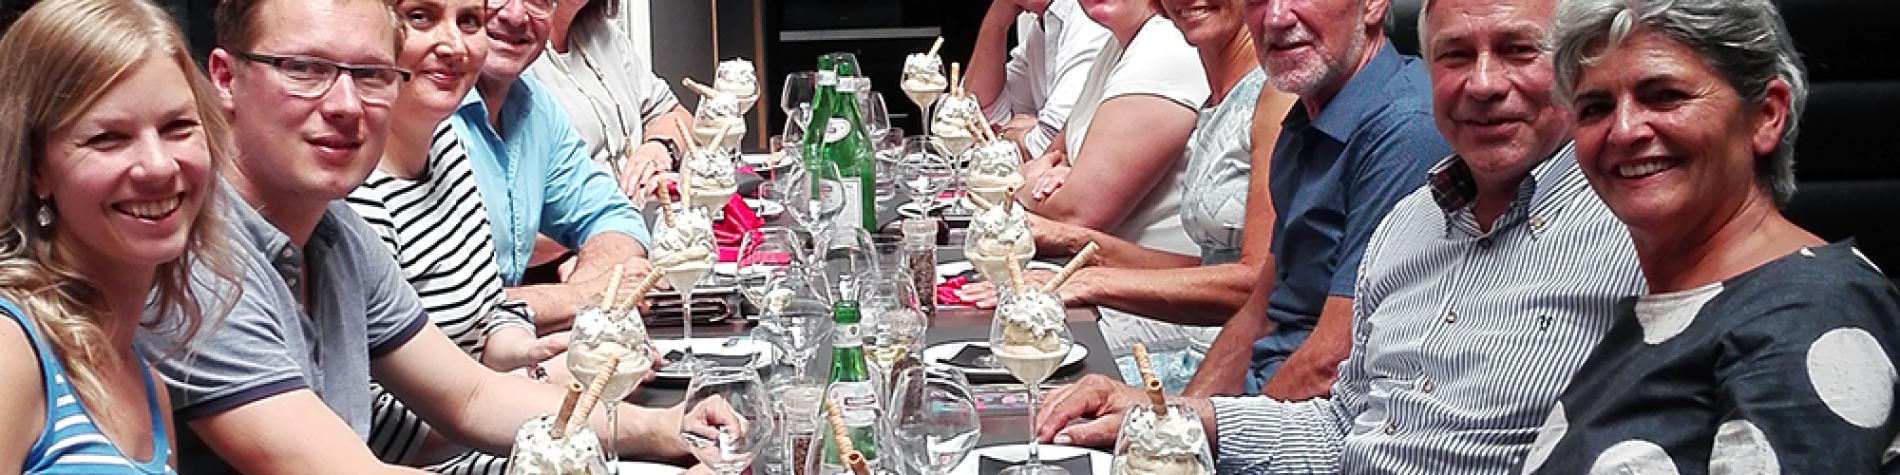 Liège gastronomie - teambuilding